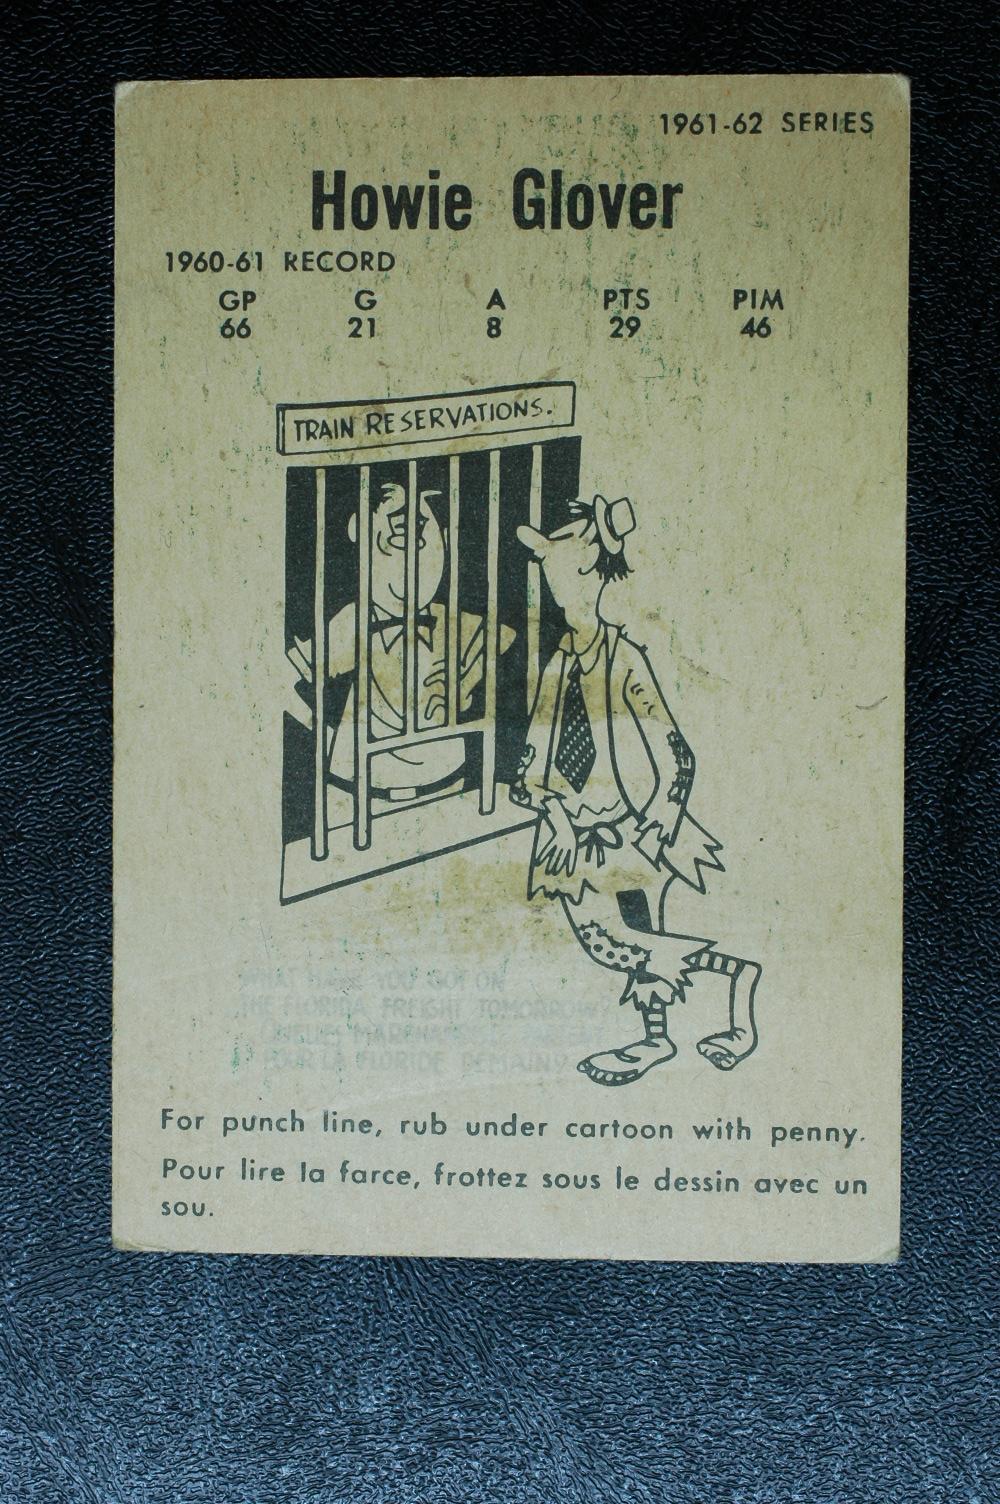 1961-62 Parkhurst #19 Howie Glover RC back image